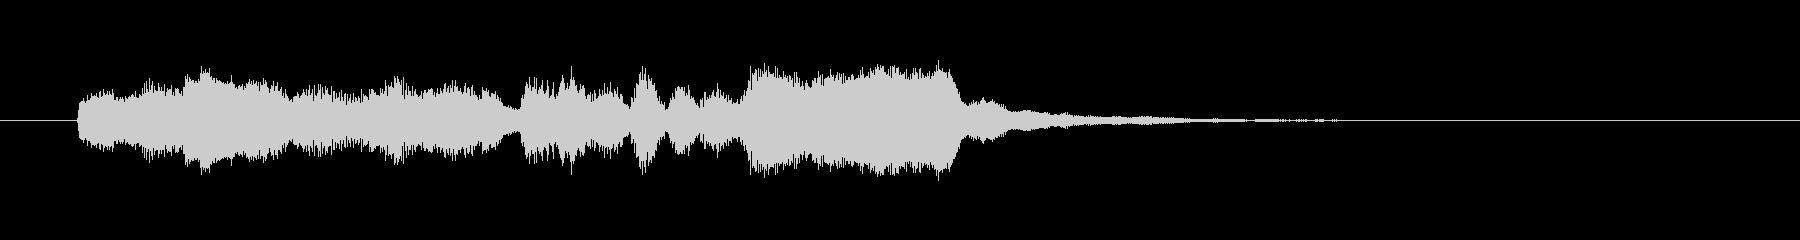 ほのぼのした管楽器の効果音の未再生の波形